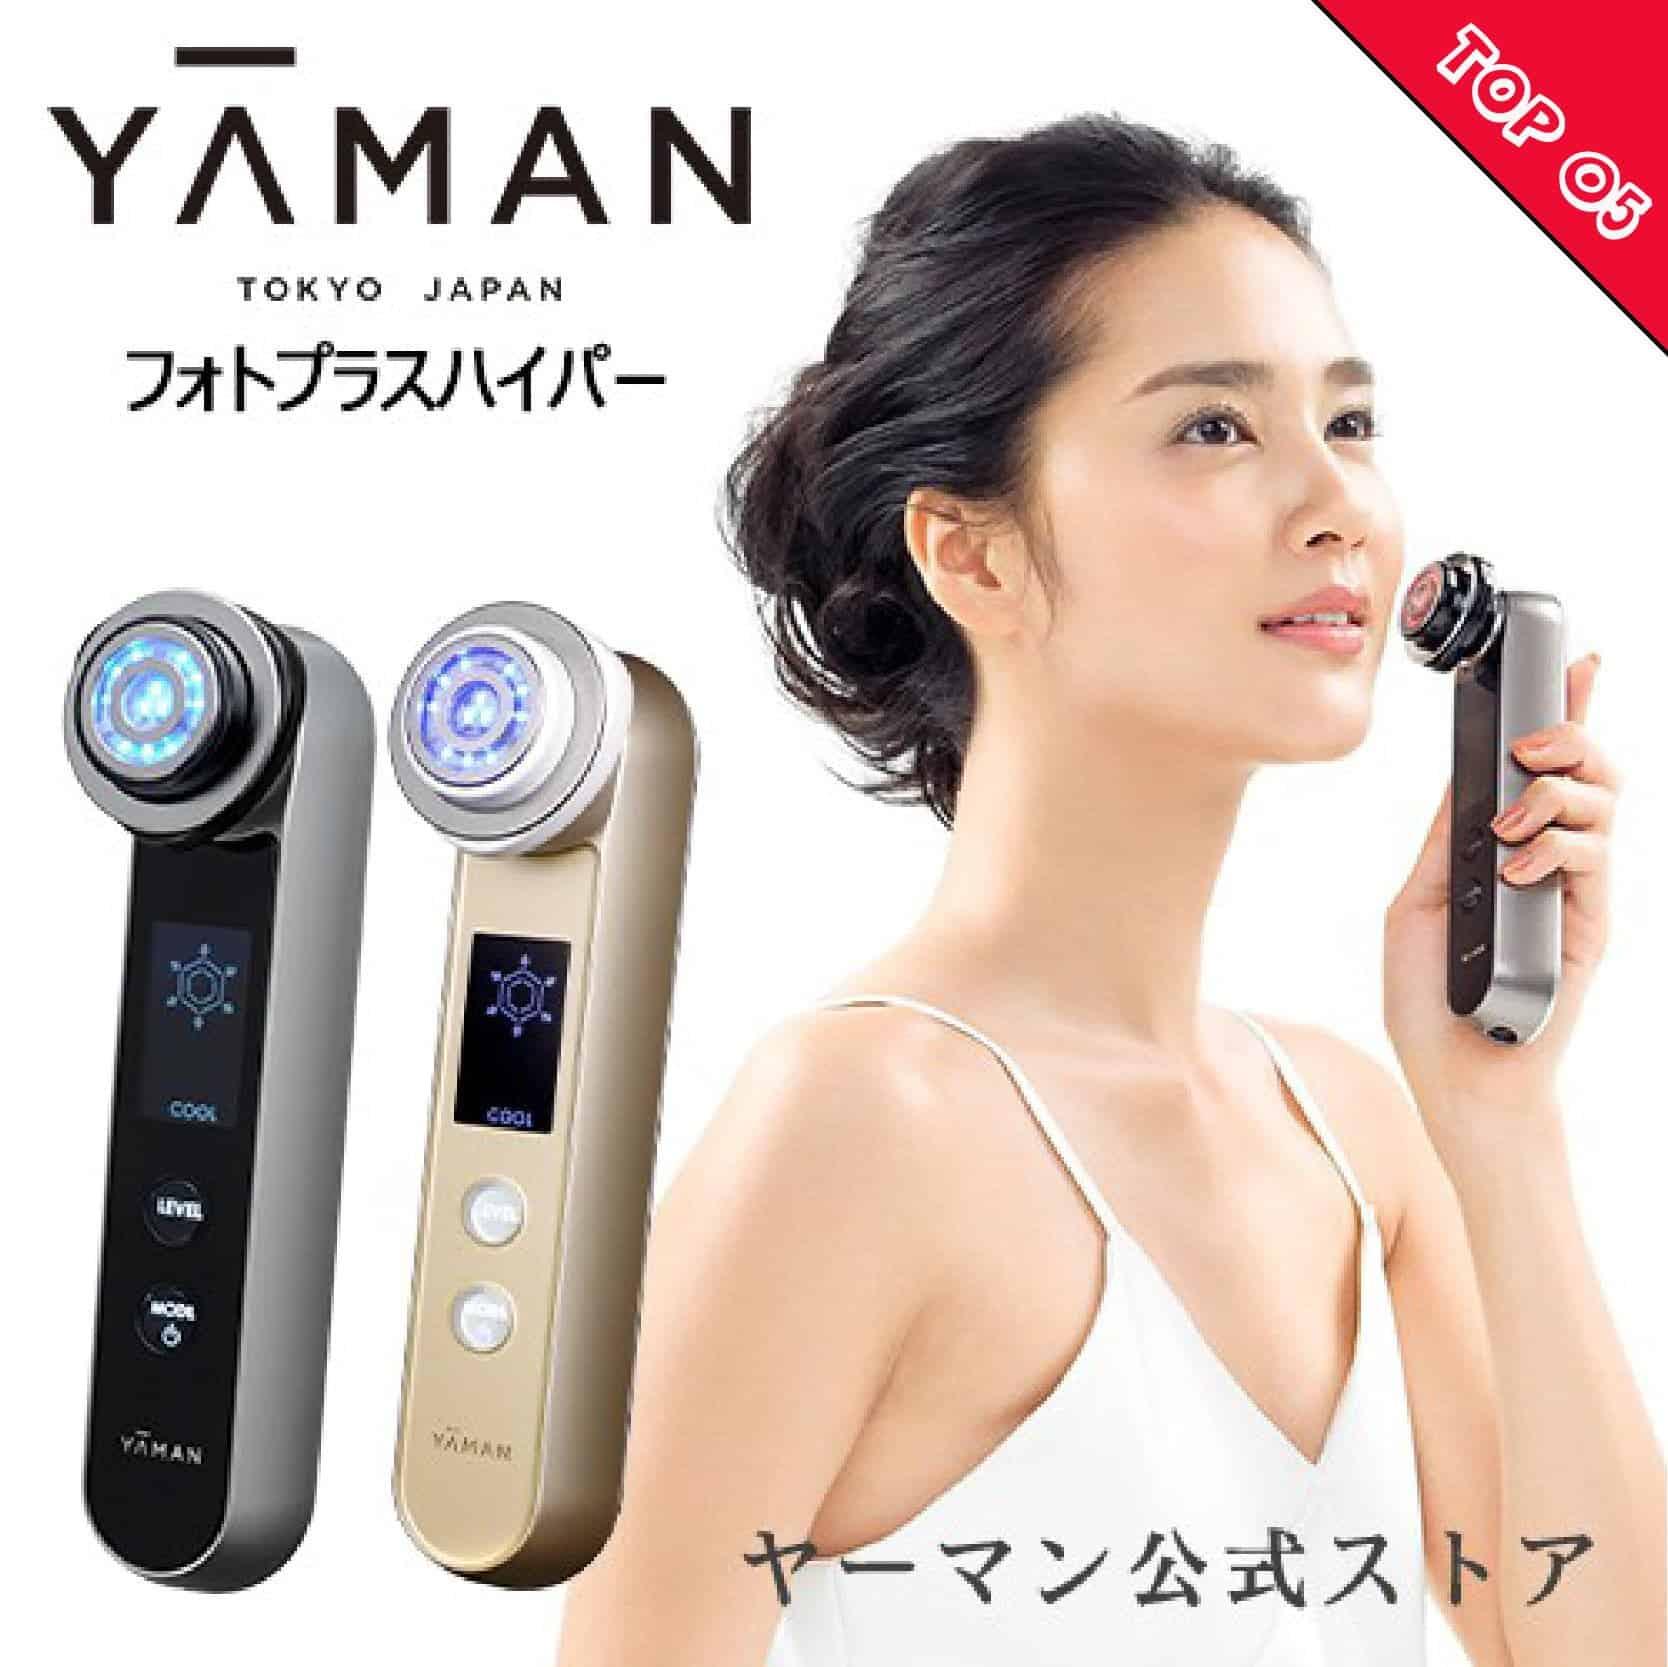 máy chăm sóc da yaman 11